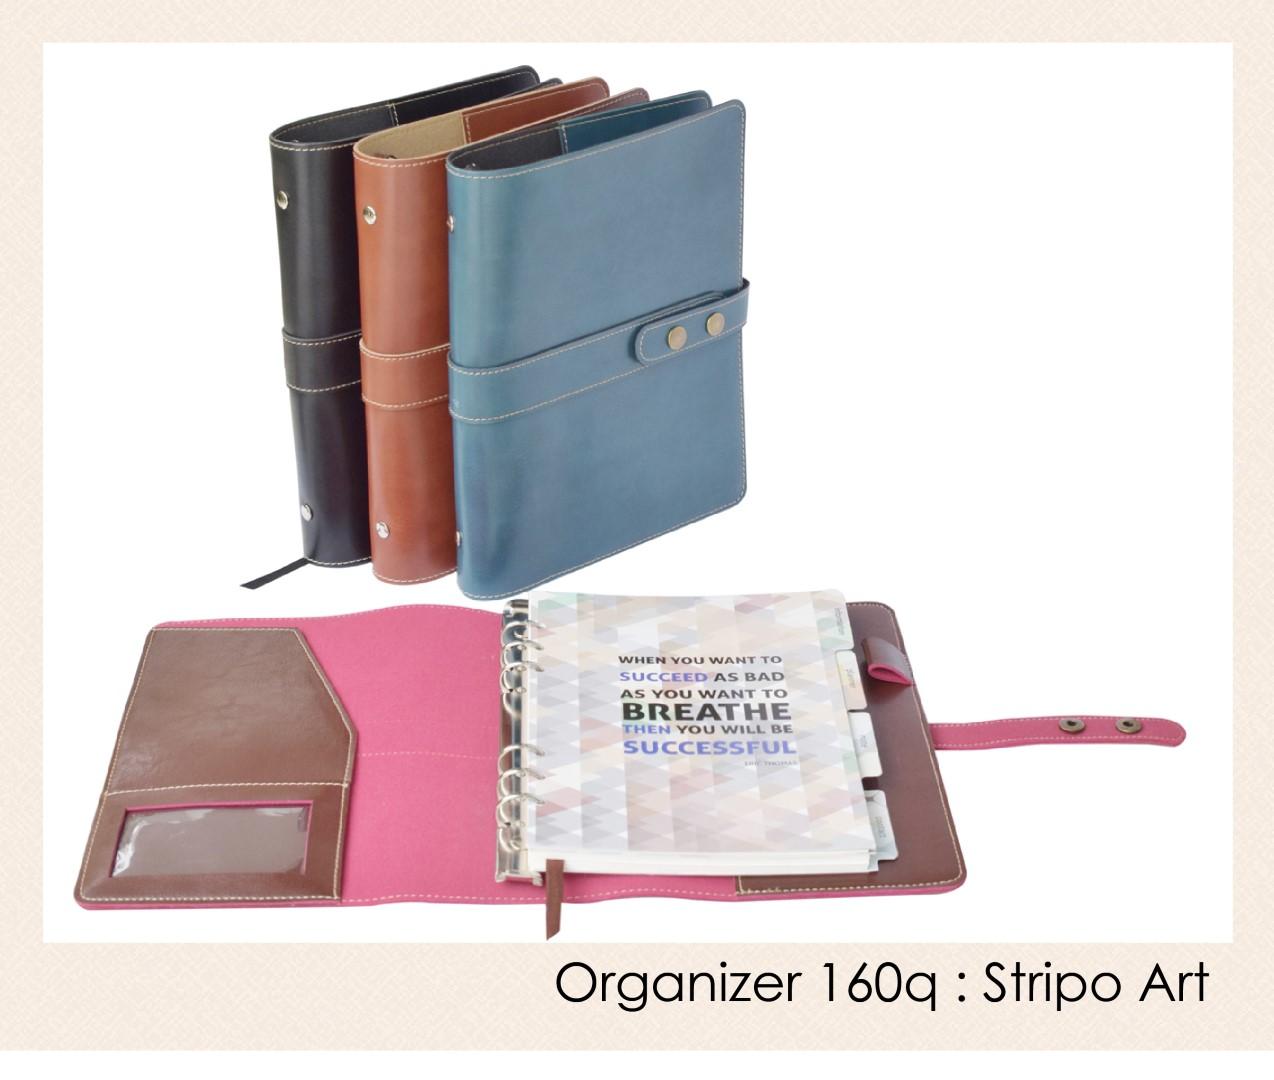 สมุดออร์กาไนเซอร์ Organizer : OR 160q - Stripo art